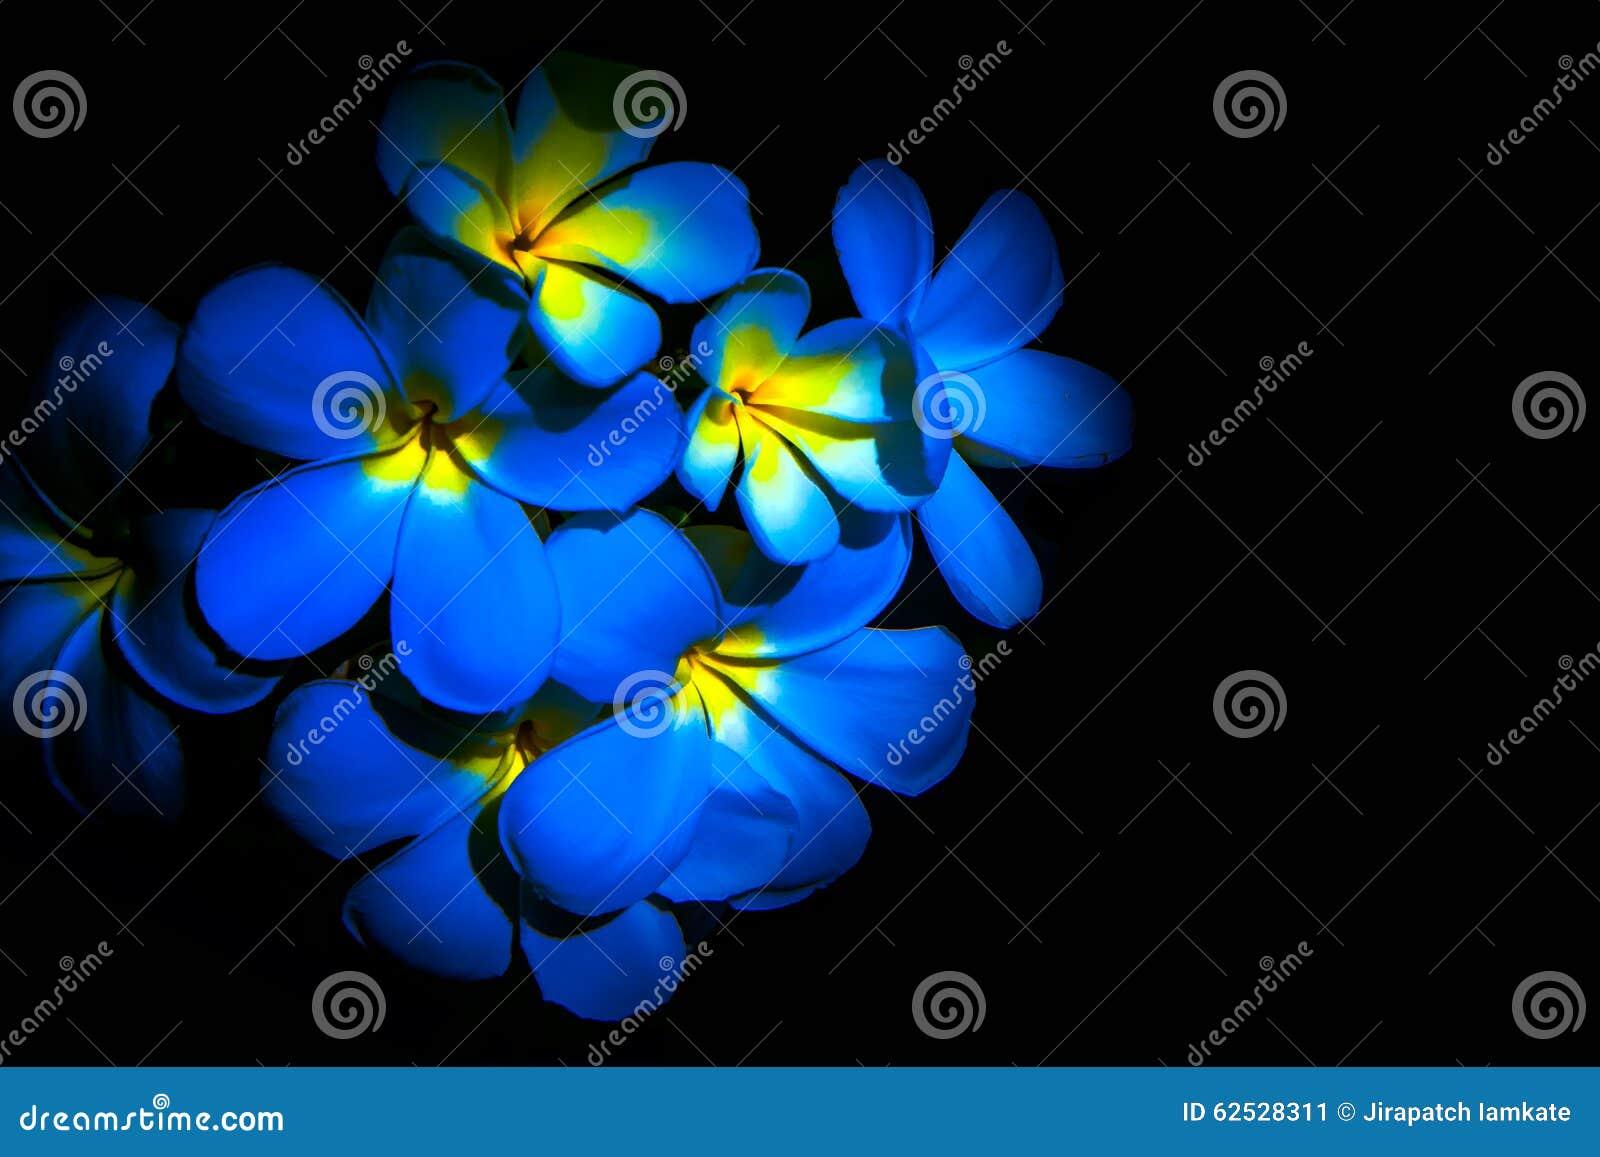 蓝色羽毛花